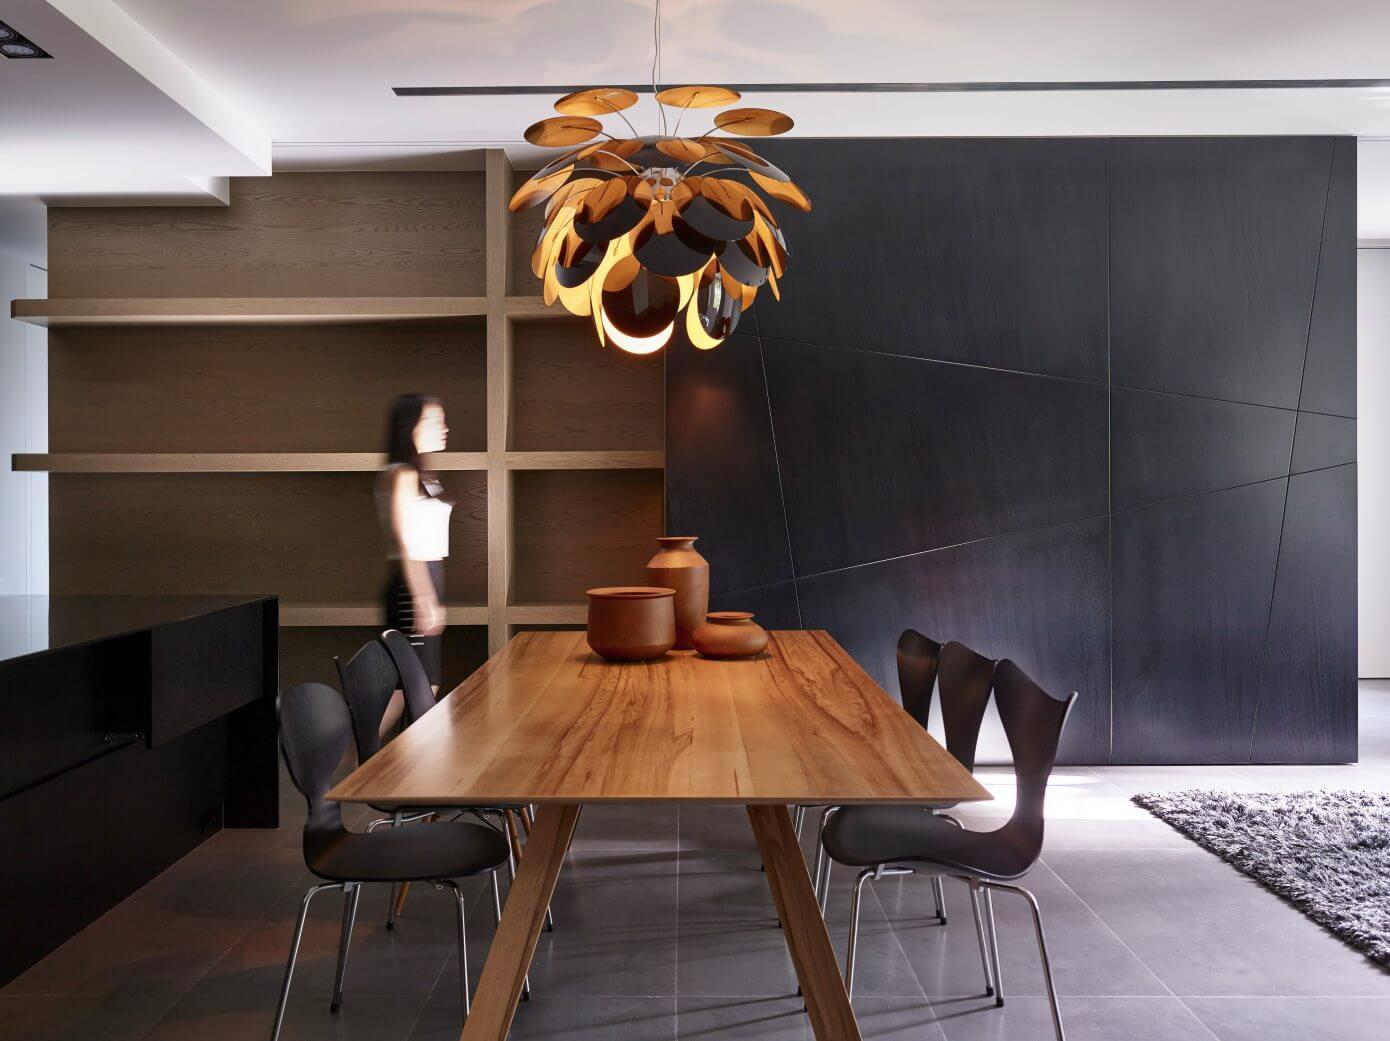 Sojourn by Ganna Design